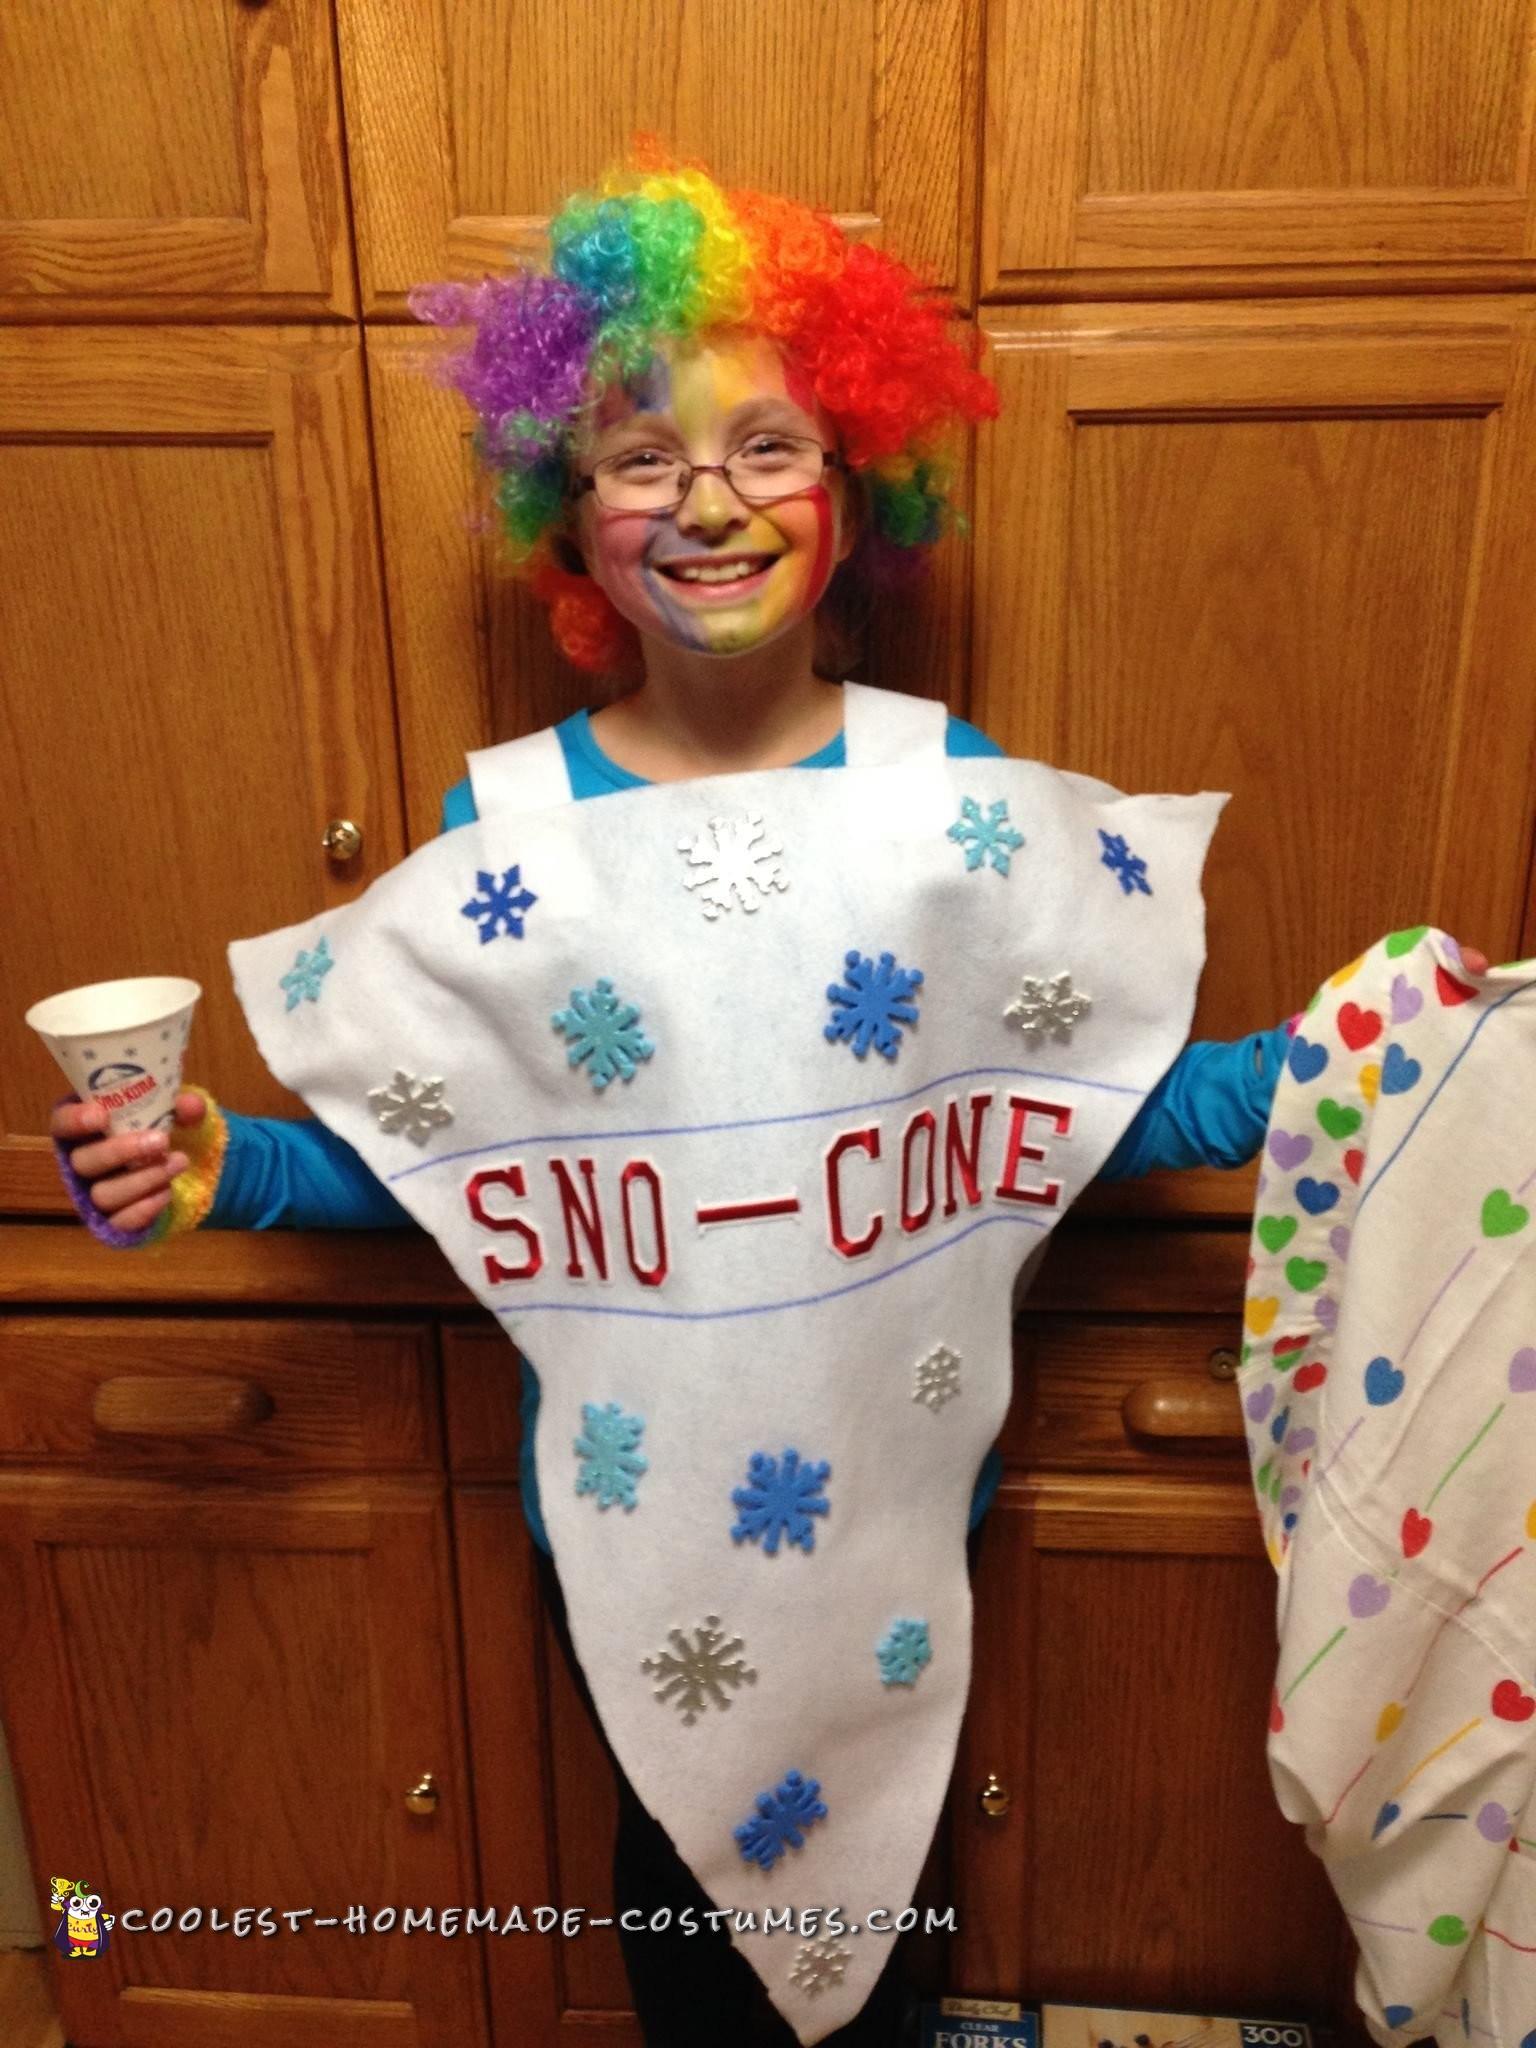 Cute Sno-Cone Costume